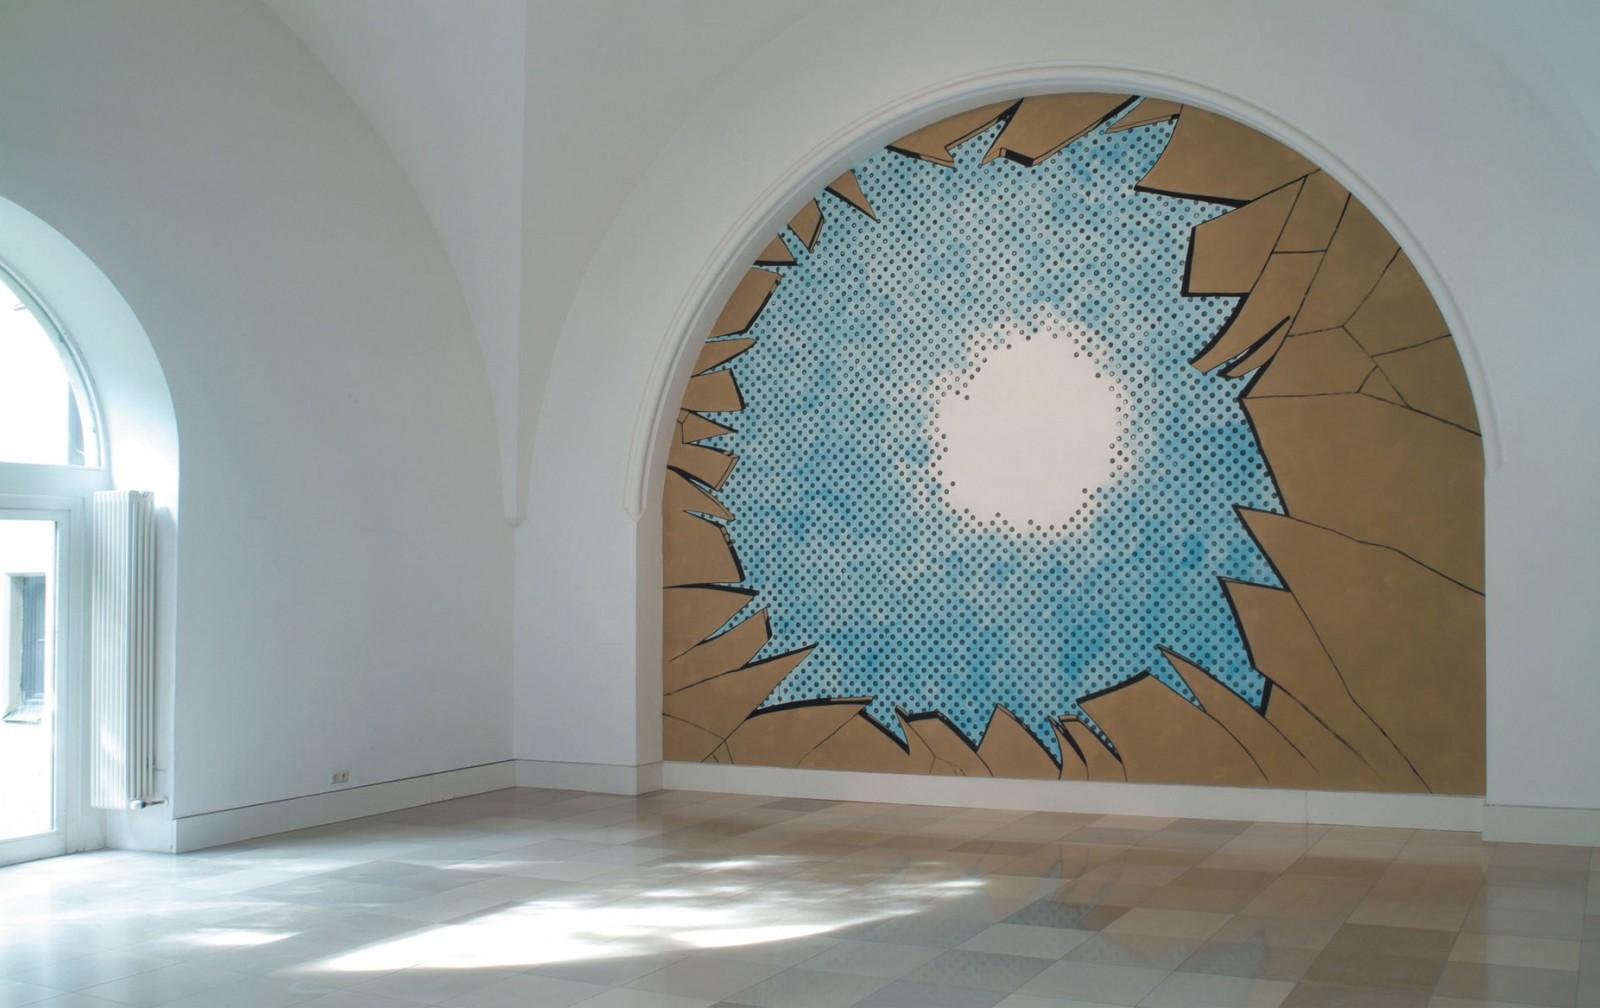 Kim Nekarda: Ephemeral Pleasure, 2004, Wall Painting, Galerie der Künstler, München, 500 x 600 cm